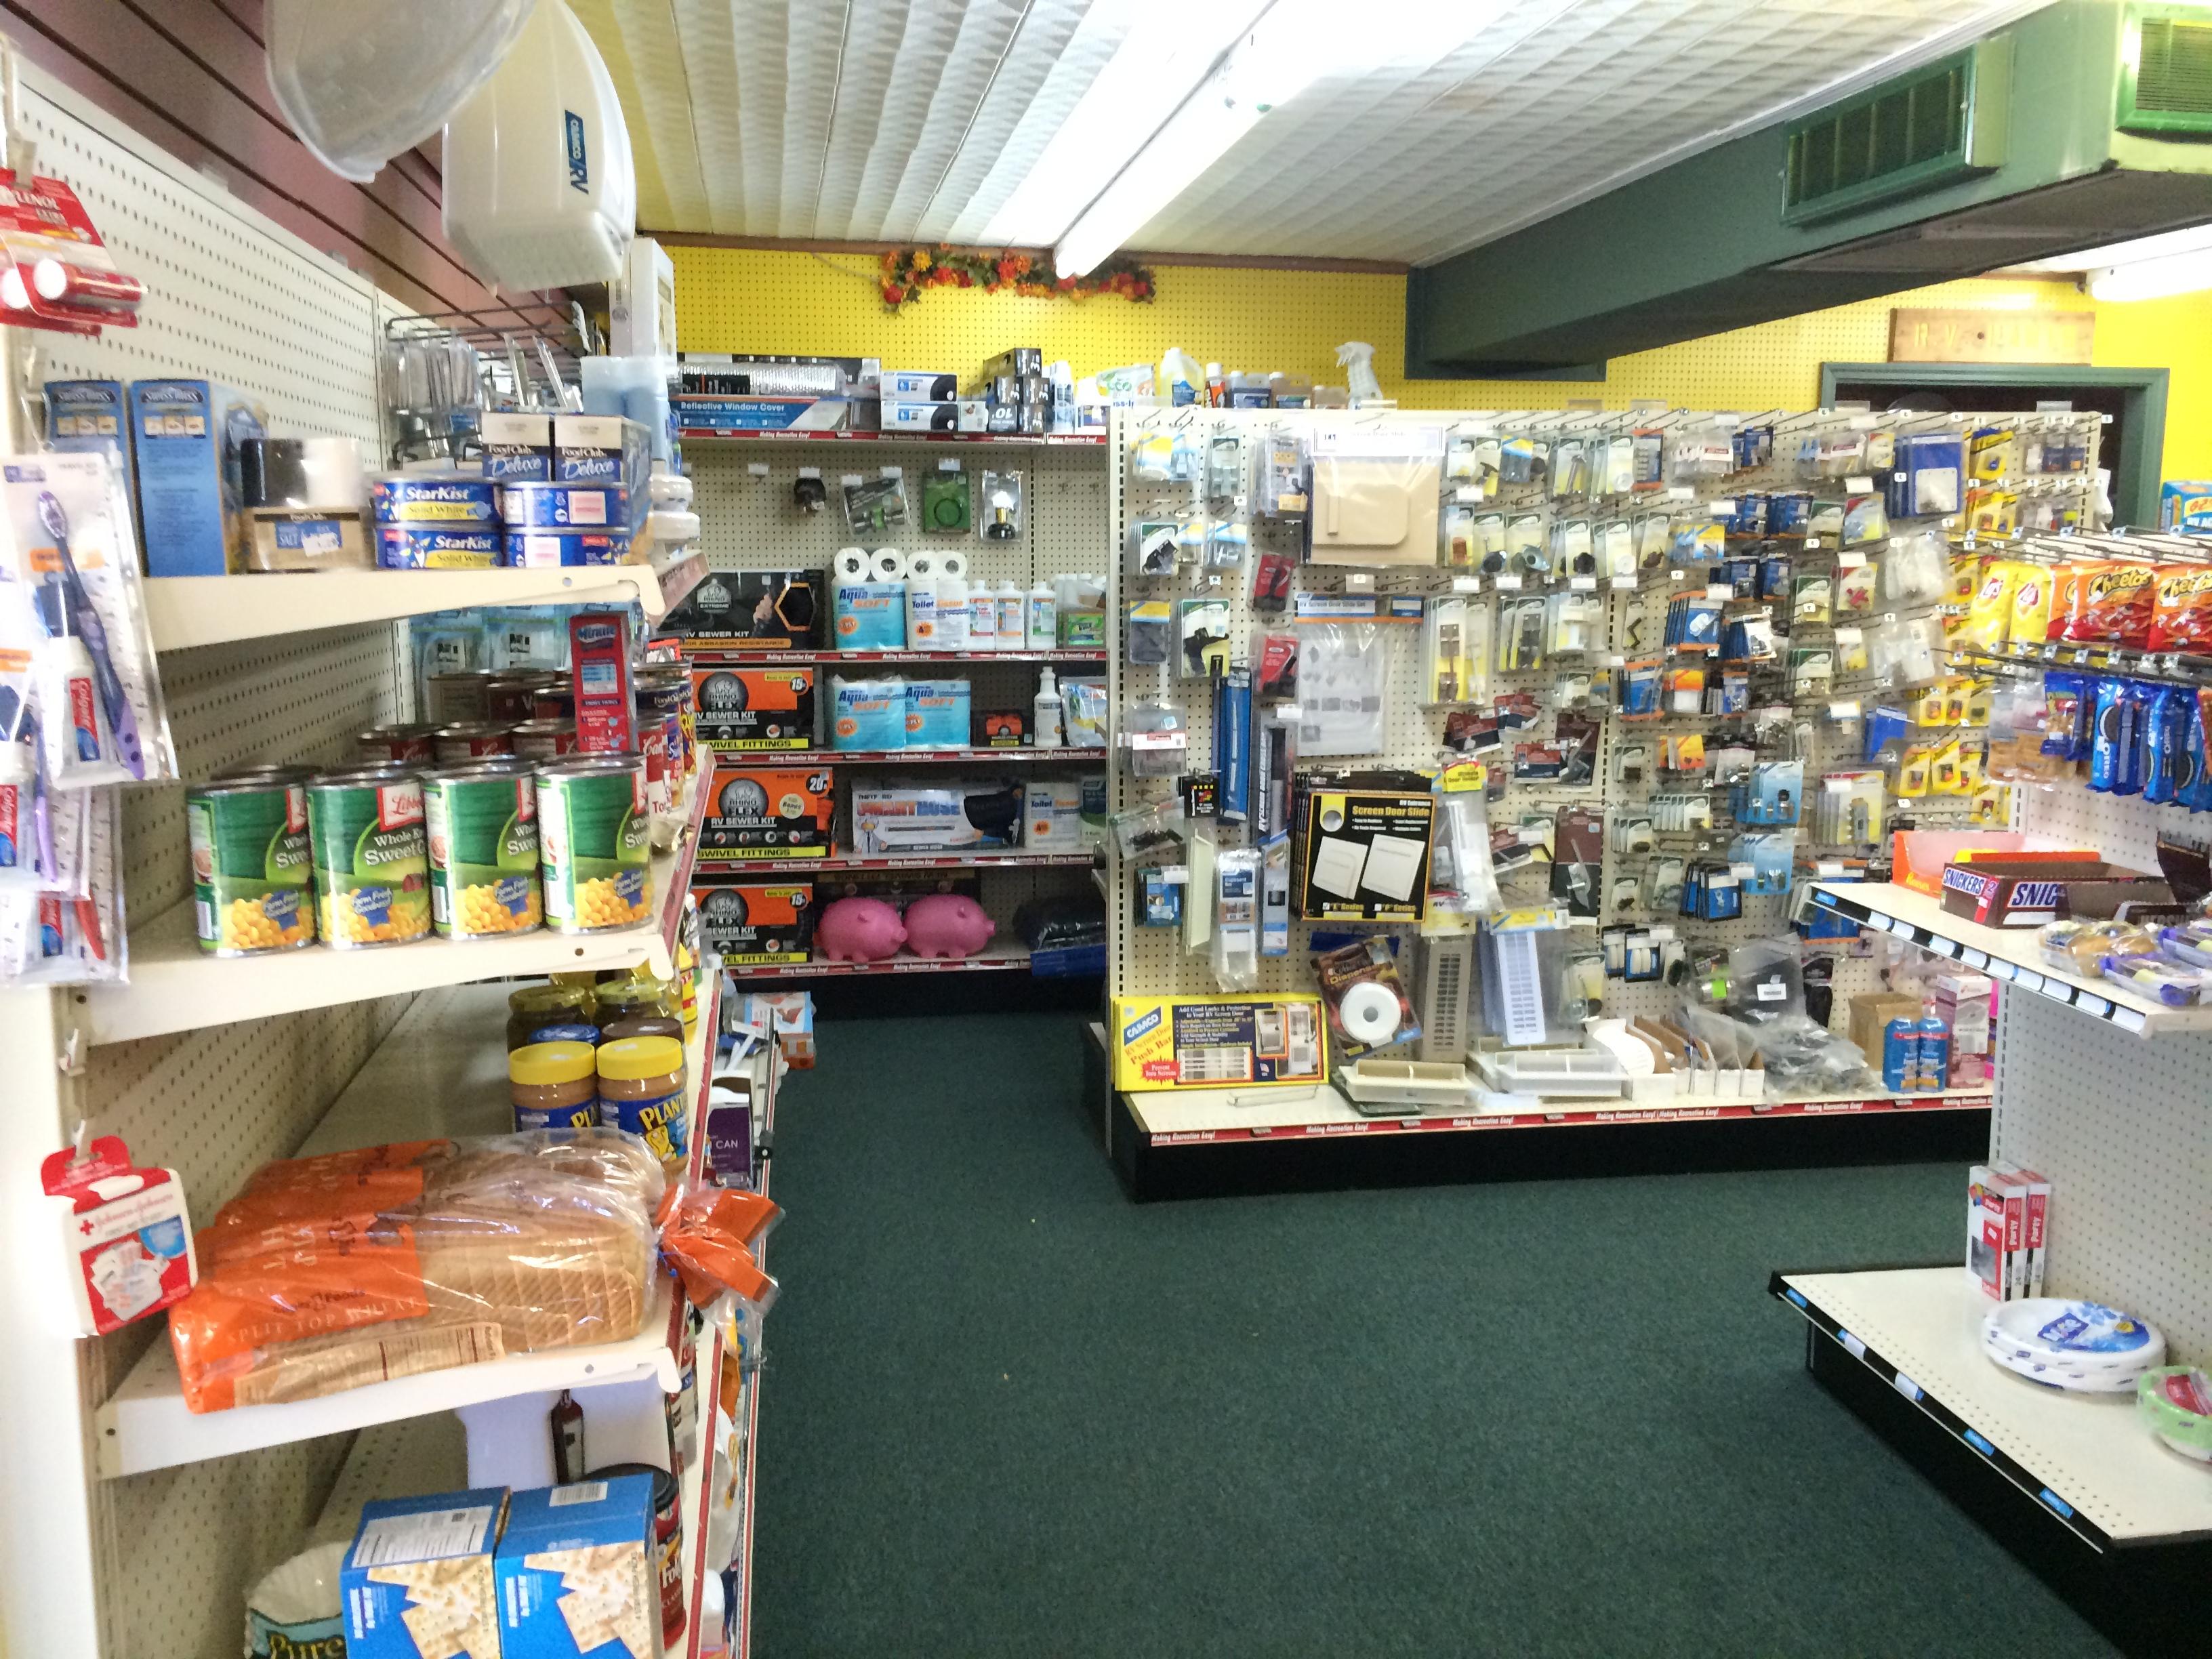 Shreveport / Bossier City KOA Journey image 4